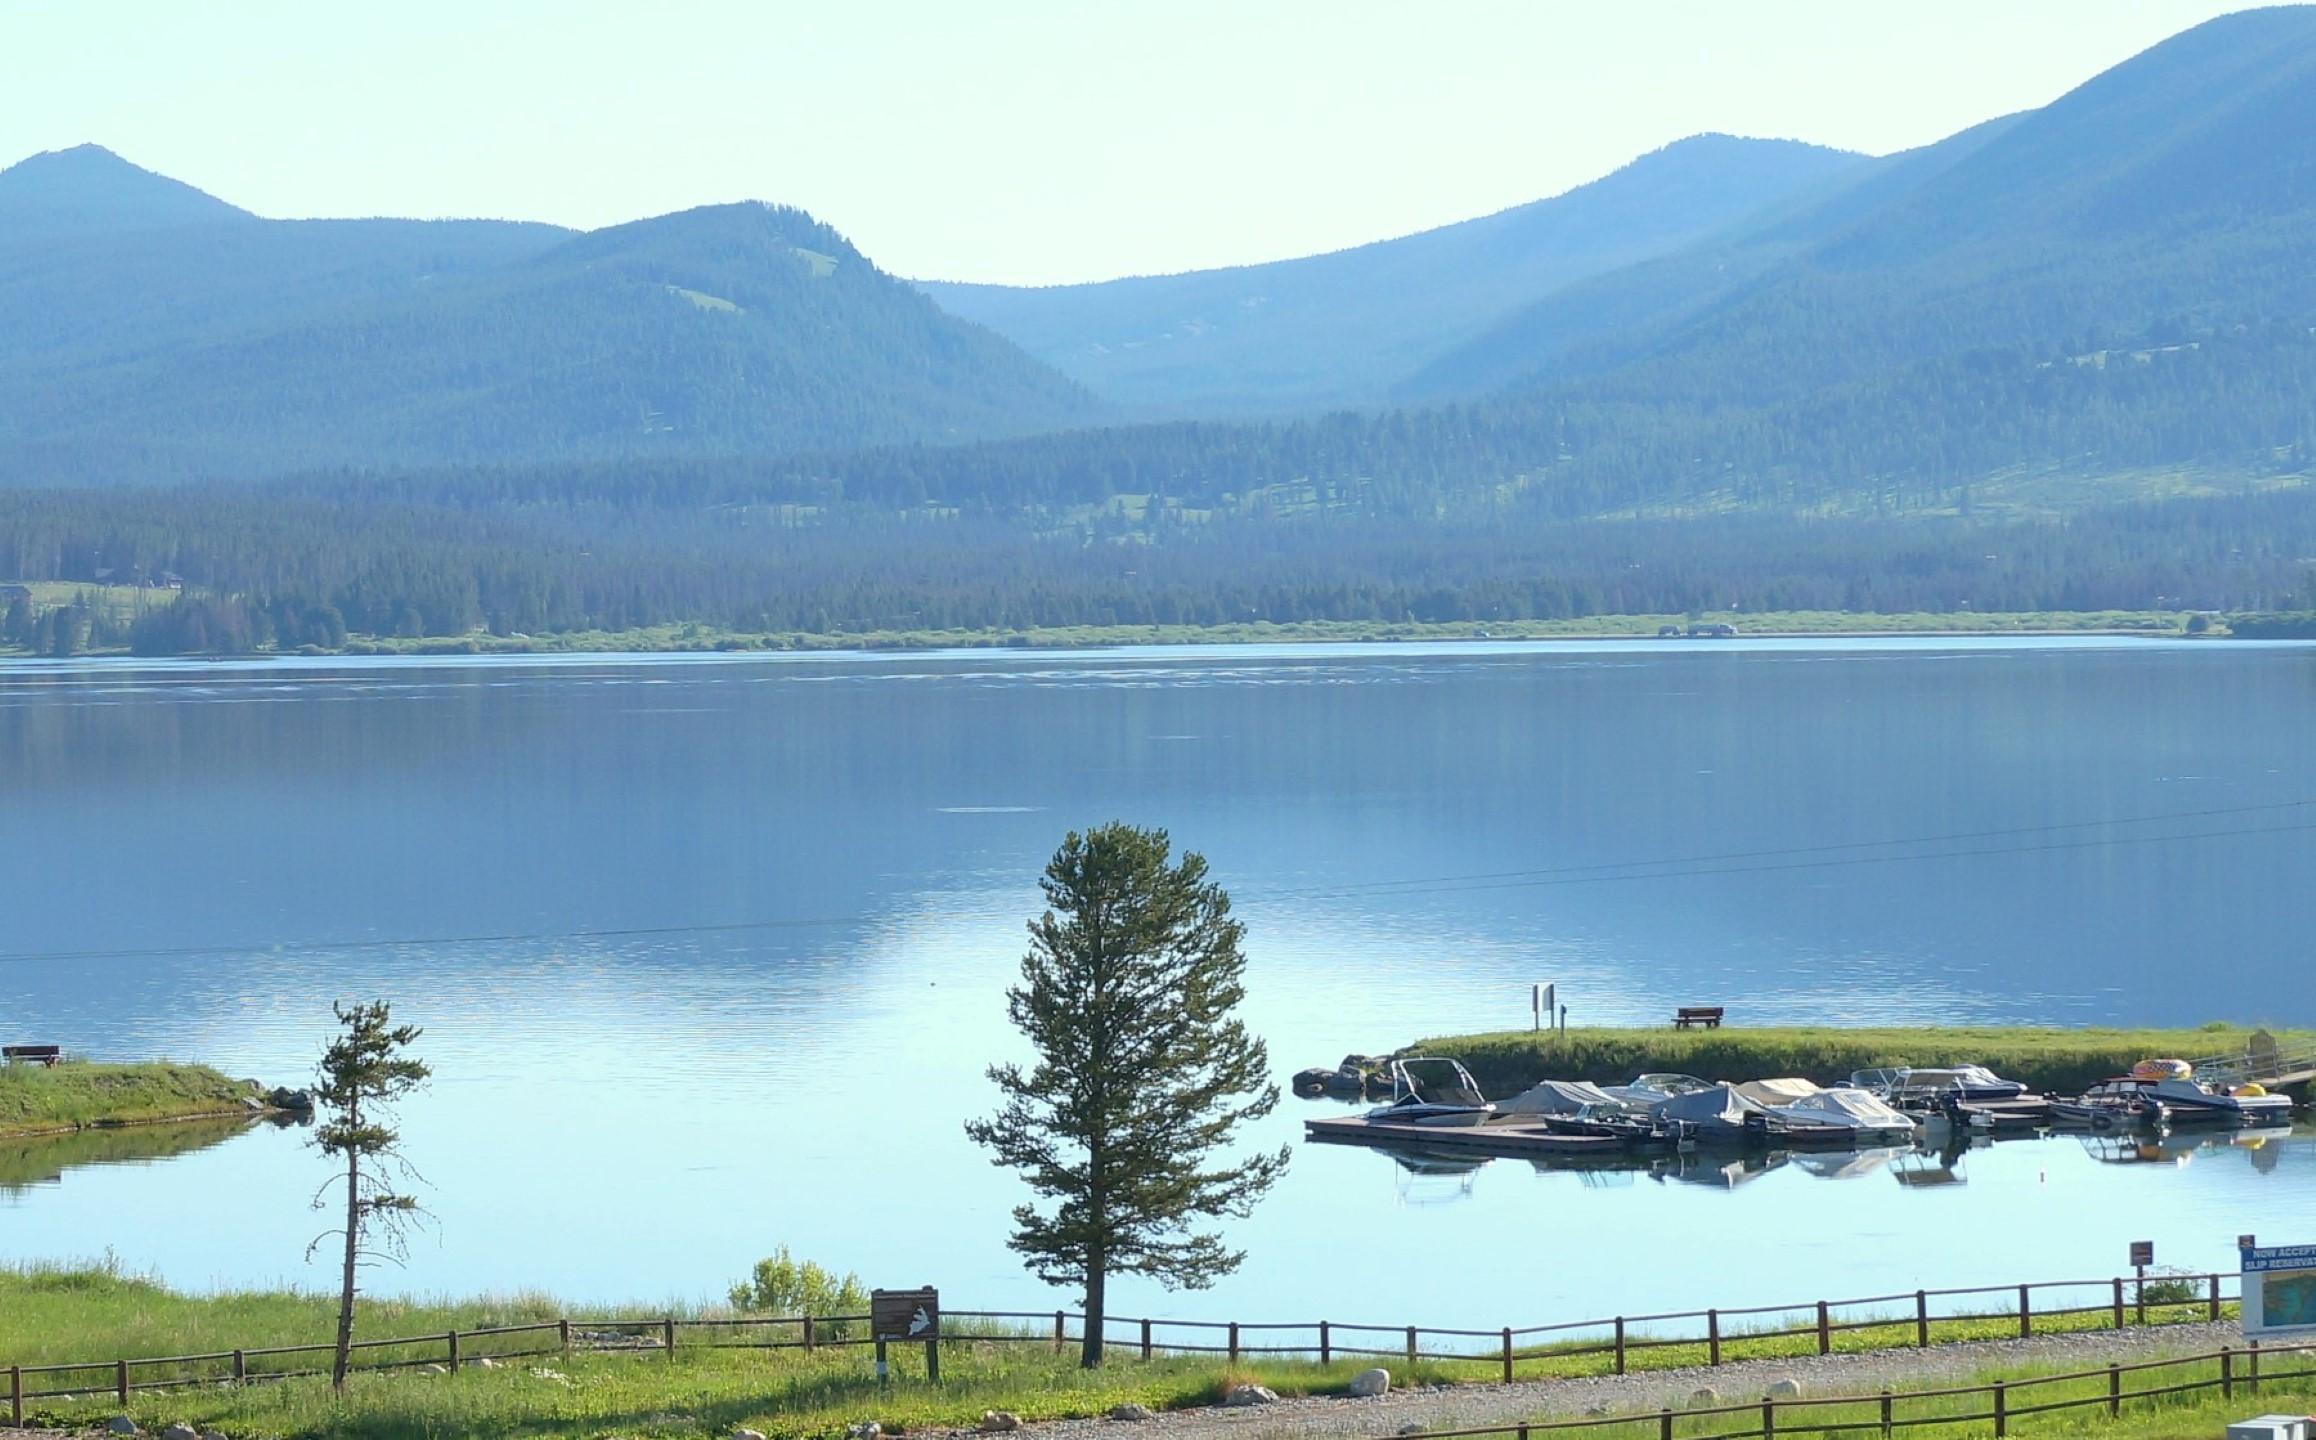 Terreno por un Venta en Lot 10 Manna Vista, Anaconda, MT 59711 Lot 10 Manna Vista Anaconda, Montana, 59711 Estados Unidos